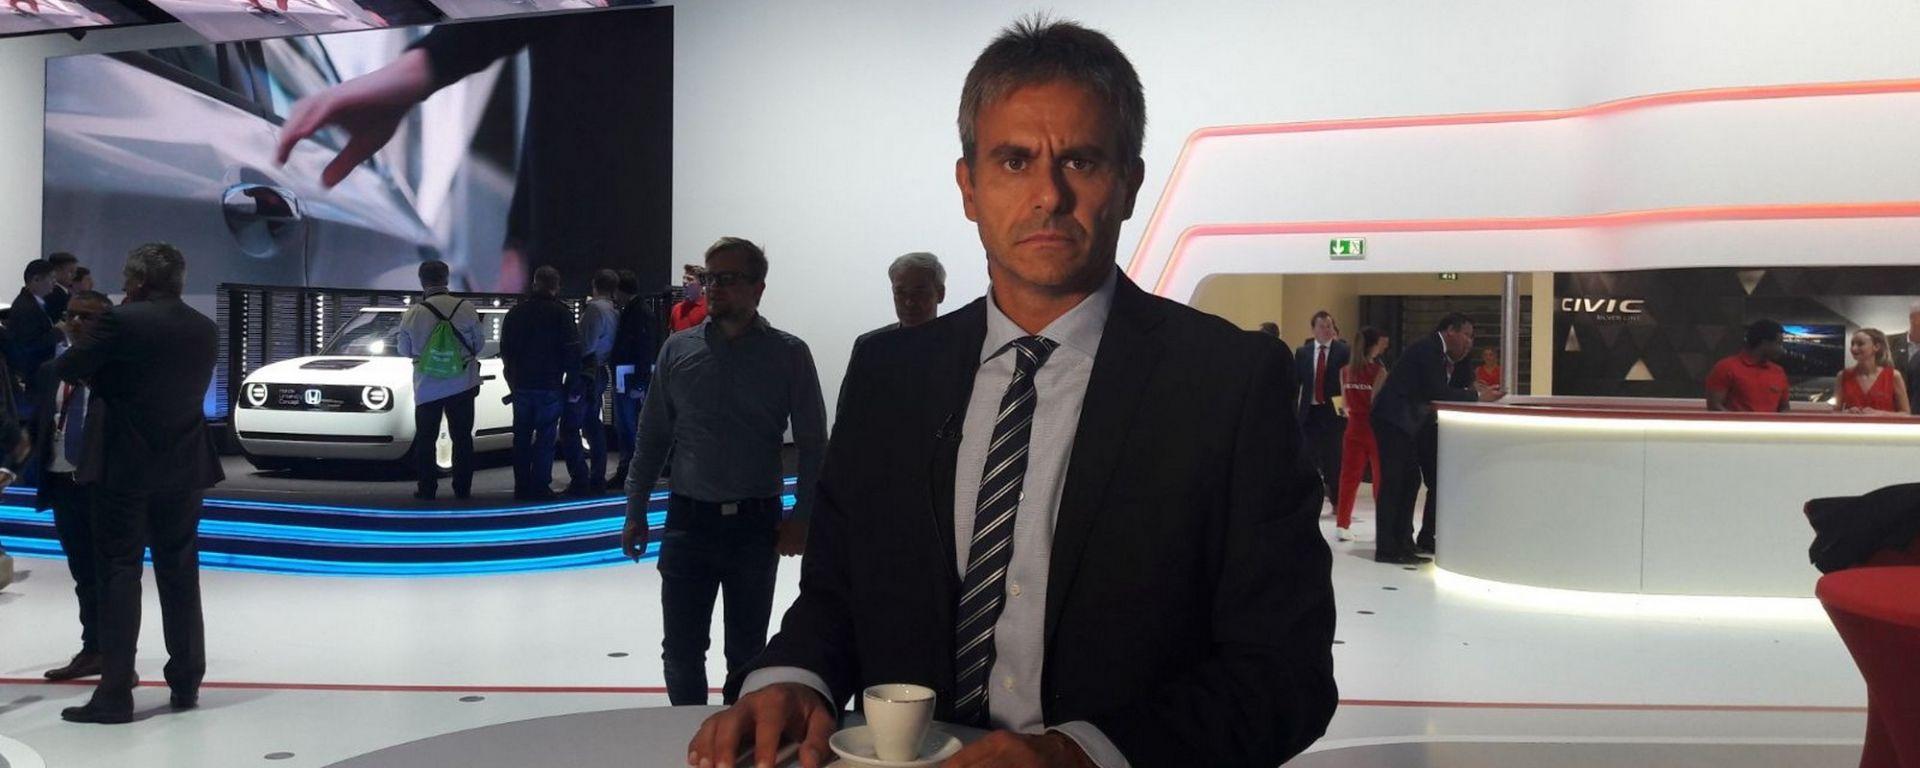 Le novità Honda raccontate da Vincenzo Picardi, Responsabile Relazioni Esterne di Honda Italia